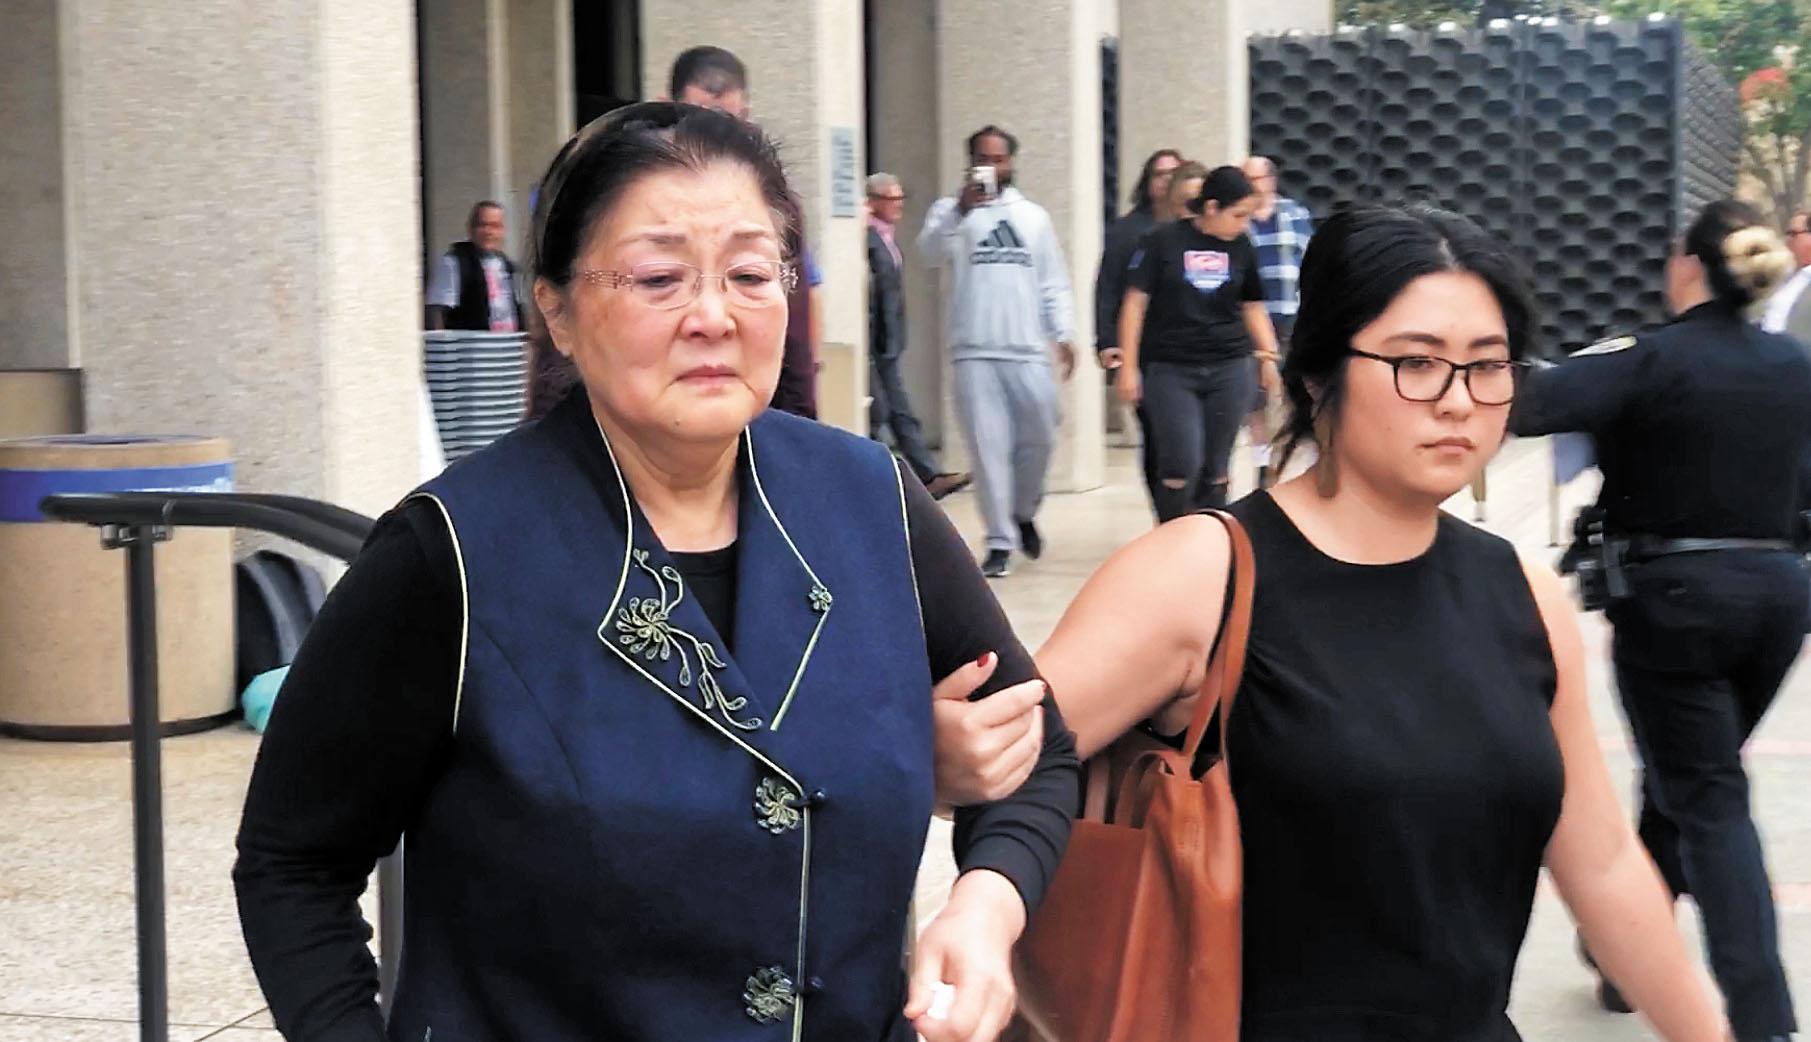 李凡尼母親李繼紅離開法庭。本報記者彭詩喬攝